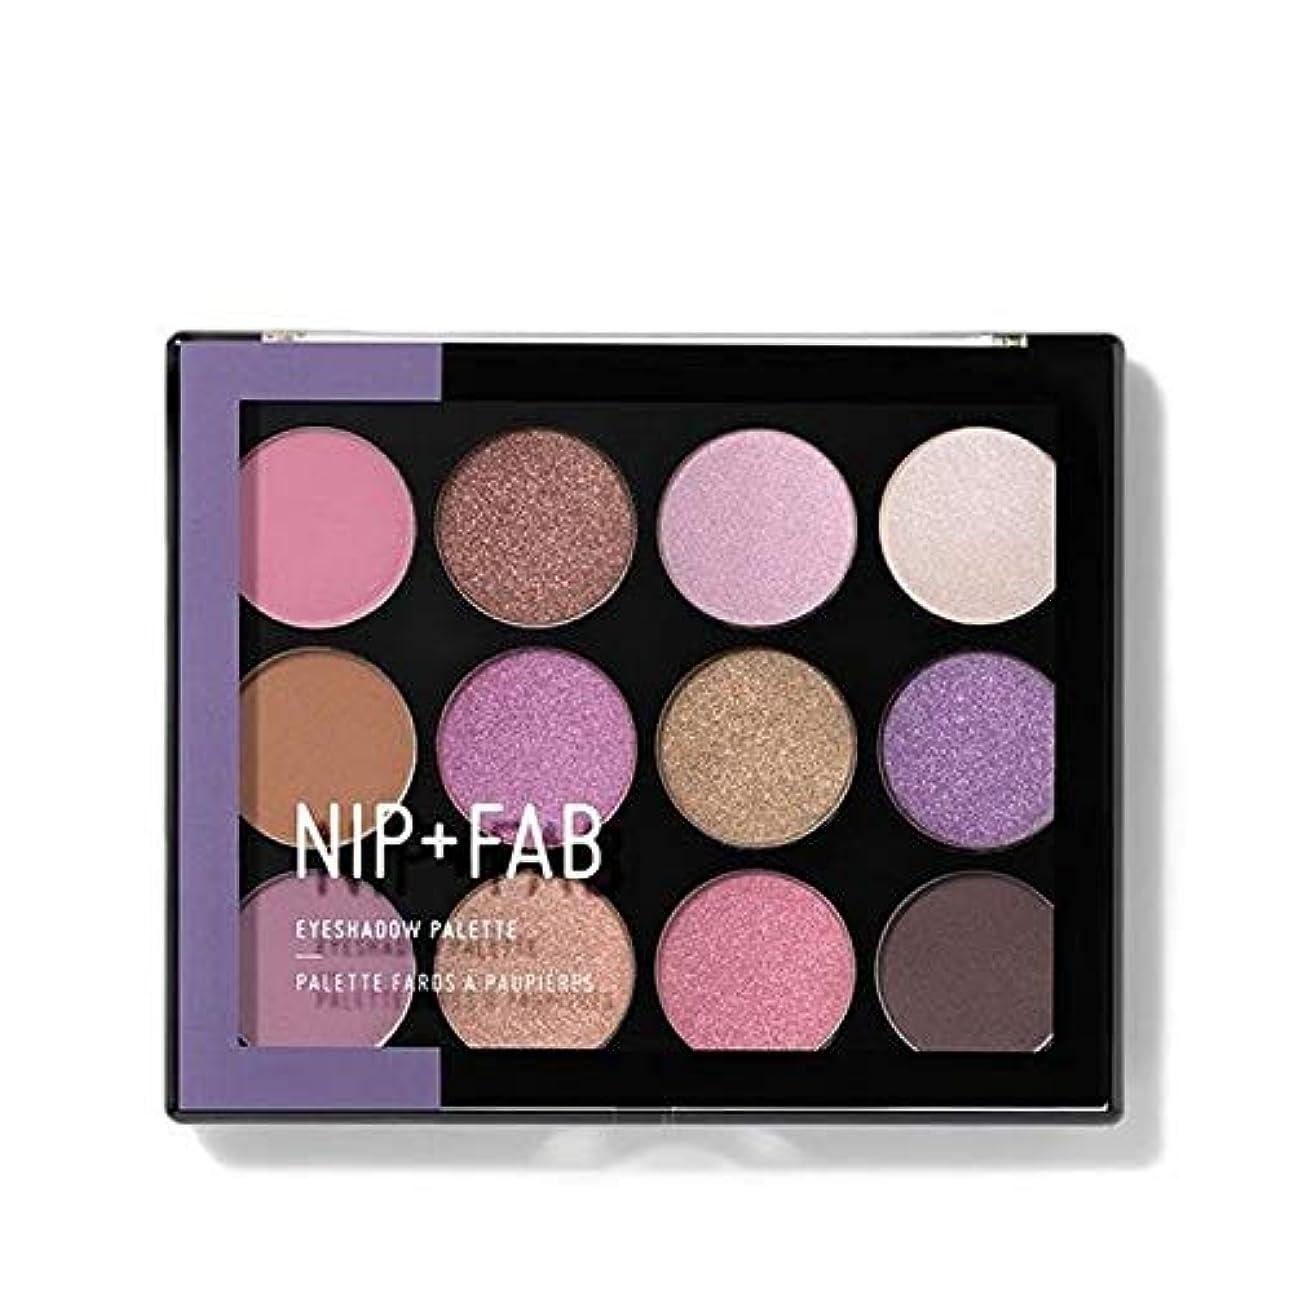 バッグ望む物語[Nip & Fab ] アイシャドウパレット5を構成するFab +ニップ - NIP+FAB Make Up Eyeshadow Palette 5 [並行輸入品]